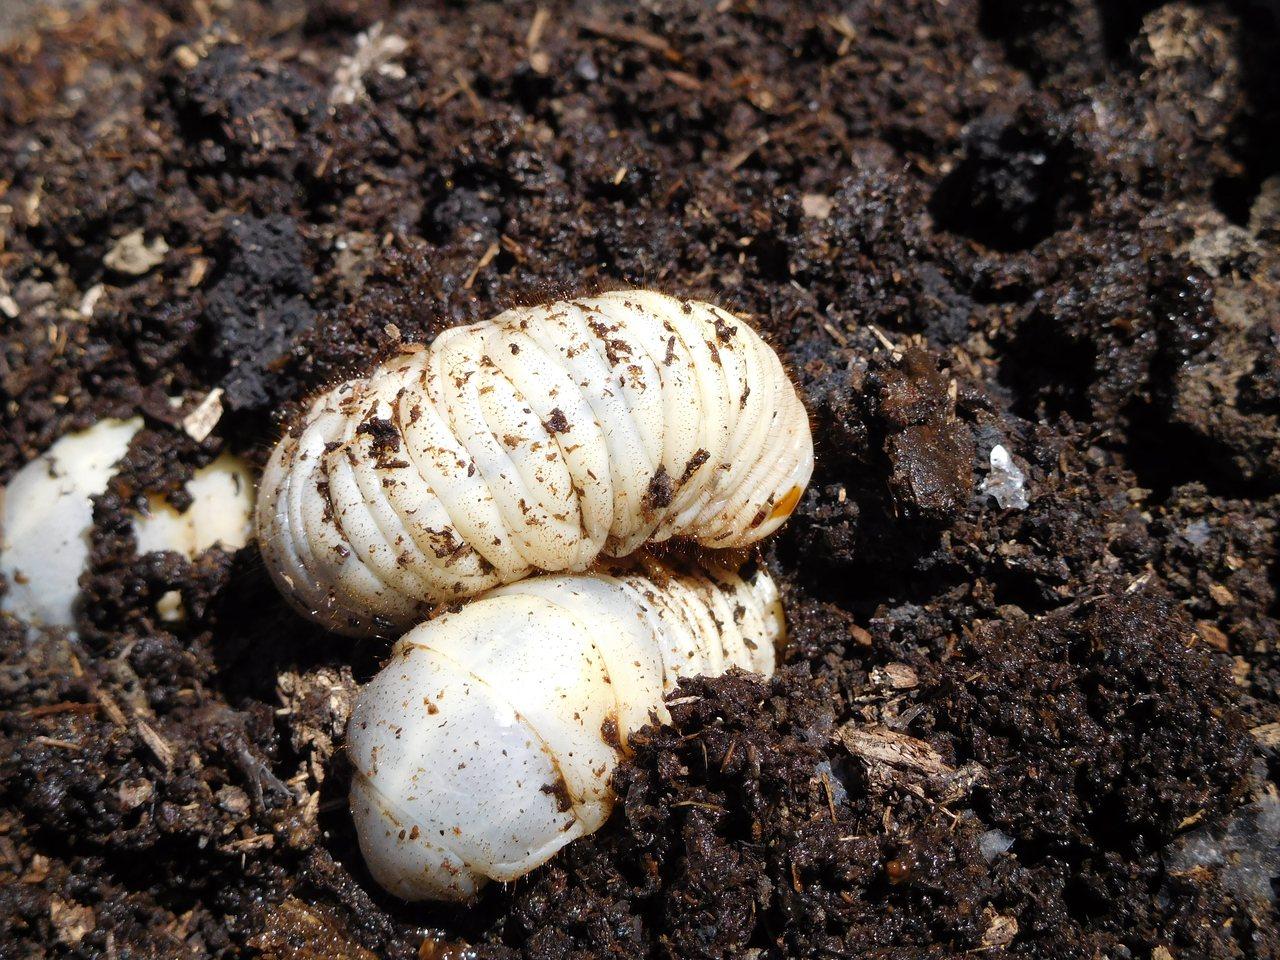 堆肥中的居民─獨角仙。圖∕青陽蝴蝶生態園區女主人葉美青提供